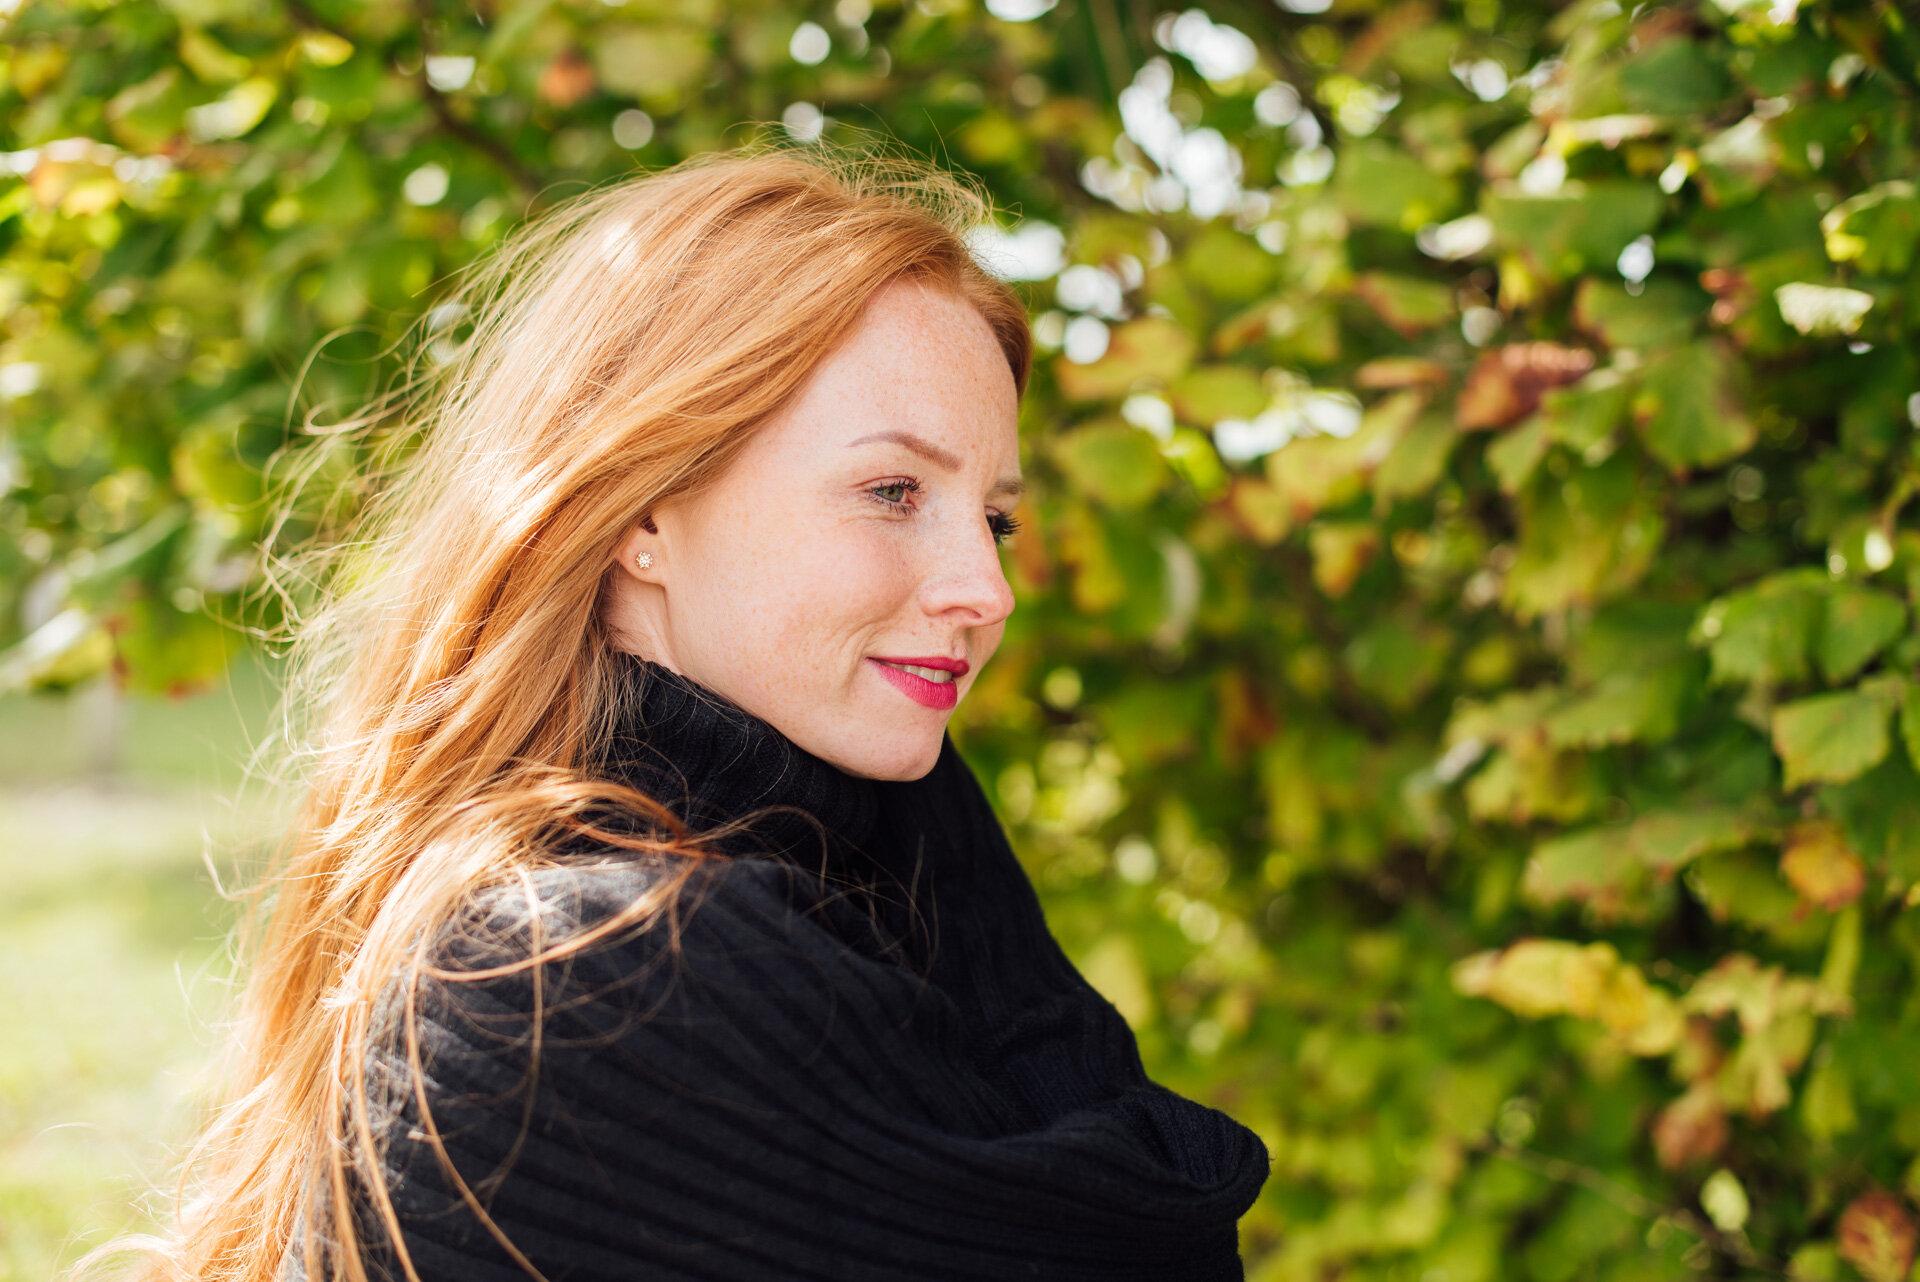 Magic-Activation-Mastermind-Bordeaux-Sophie-Portraits-18.jpg